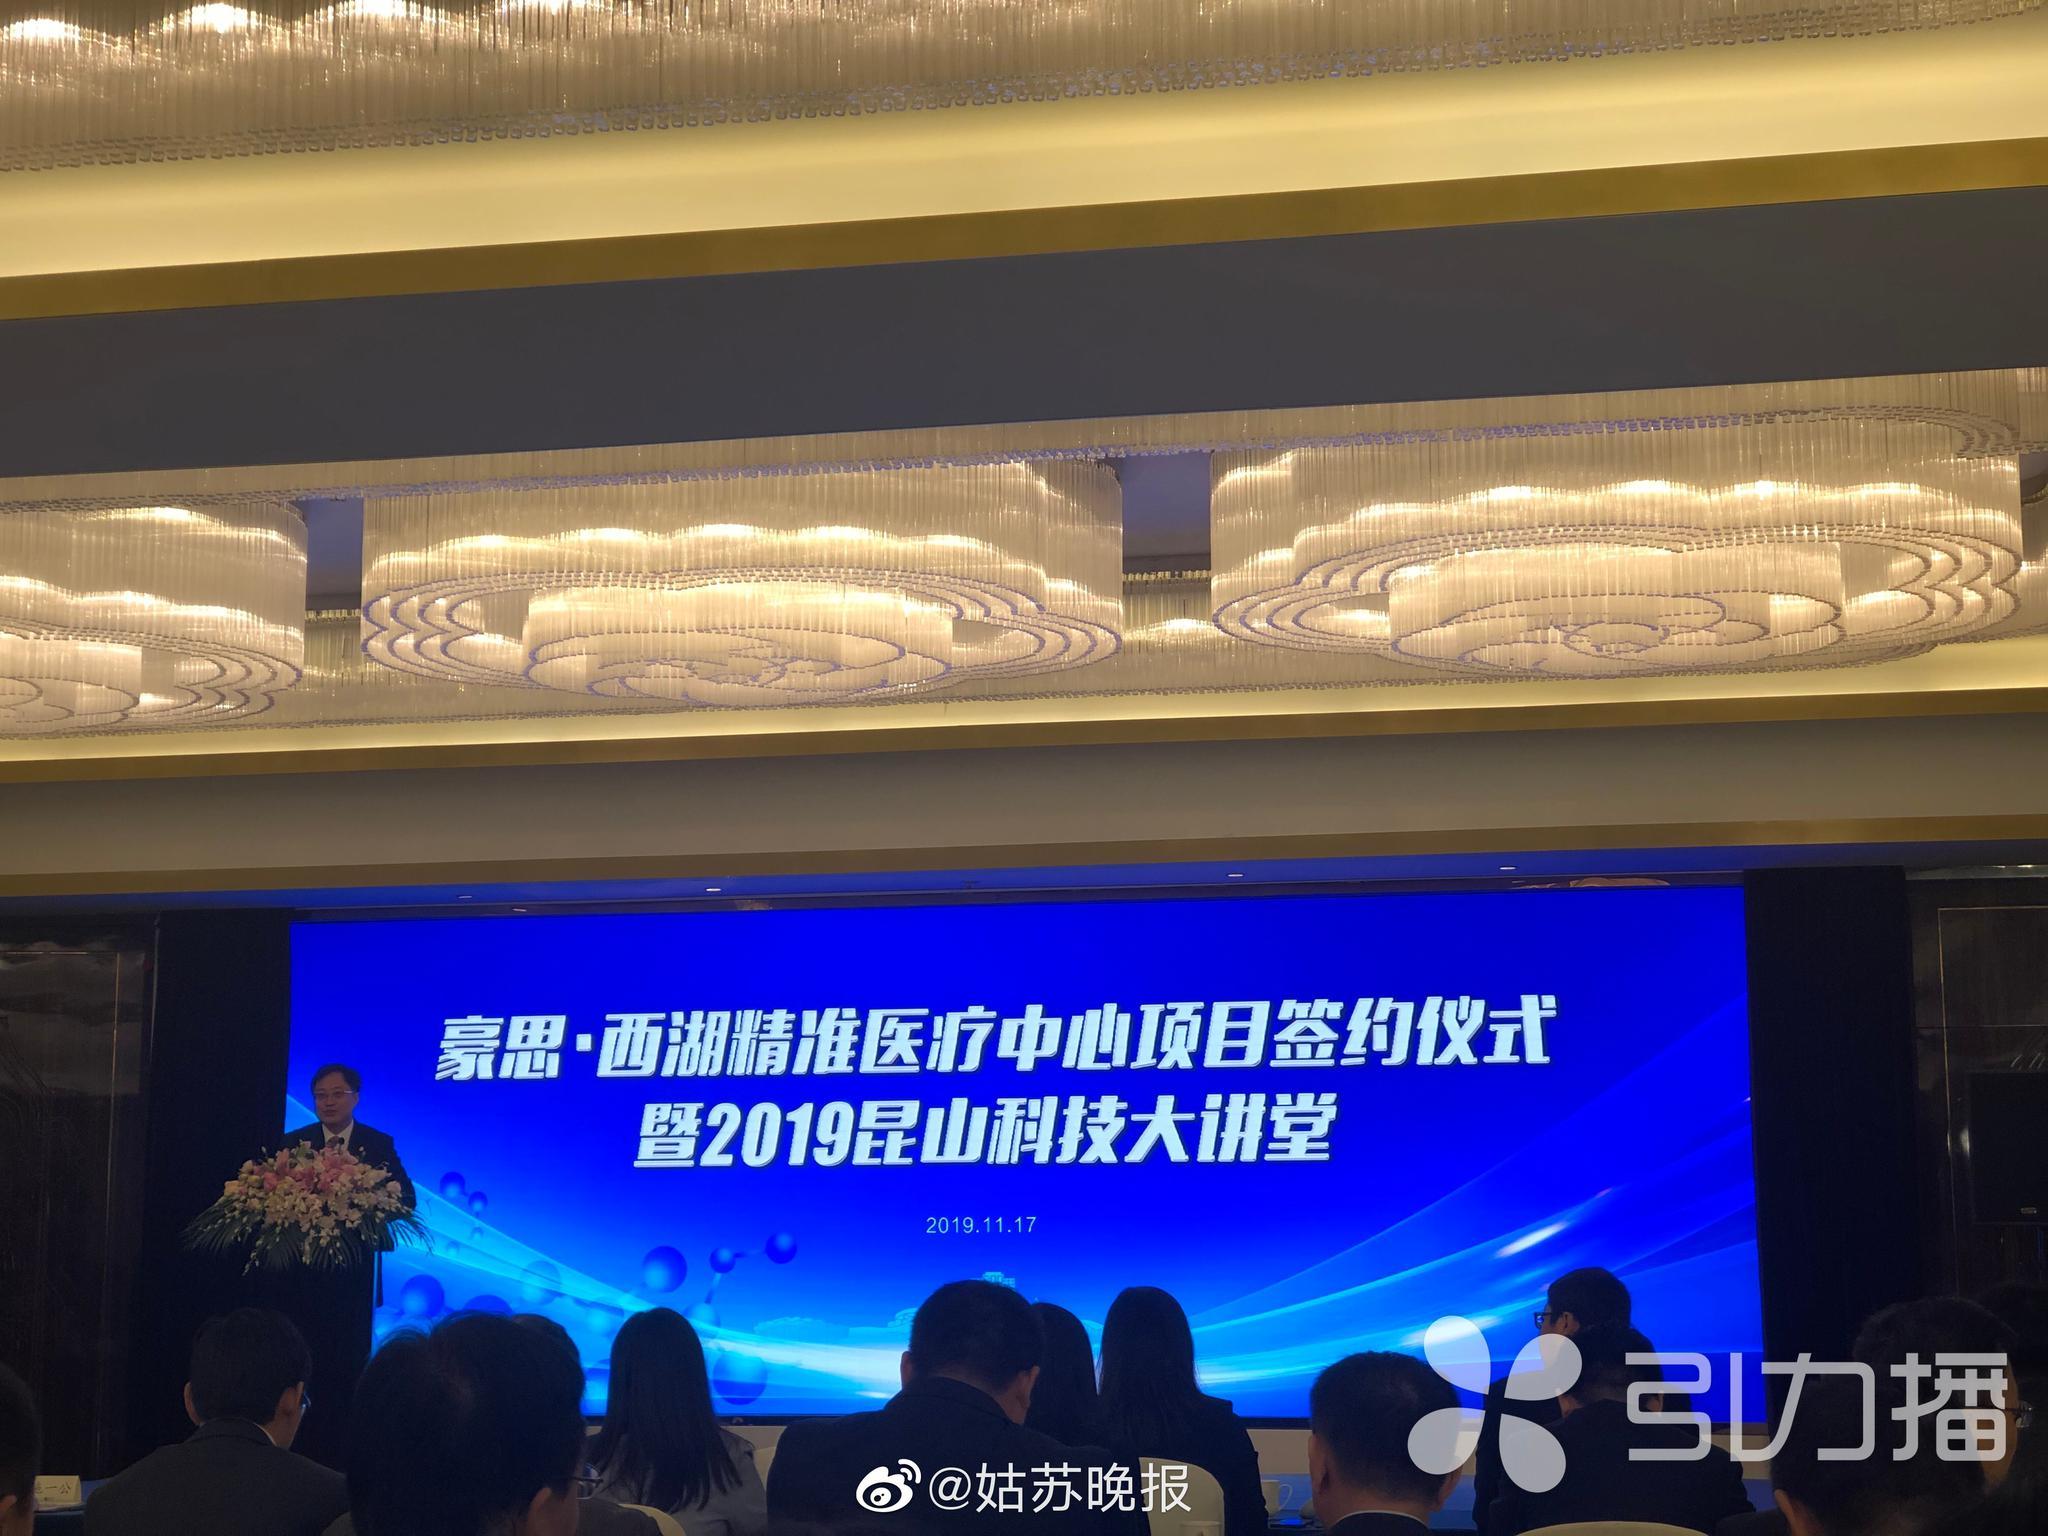 阿尔兹海默症检测首次落户中国!昆山打造全球领先精准医疗中心